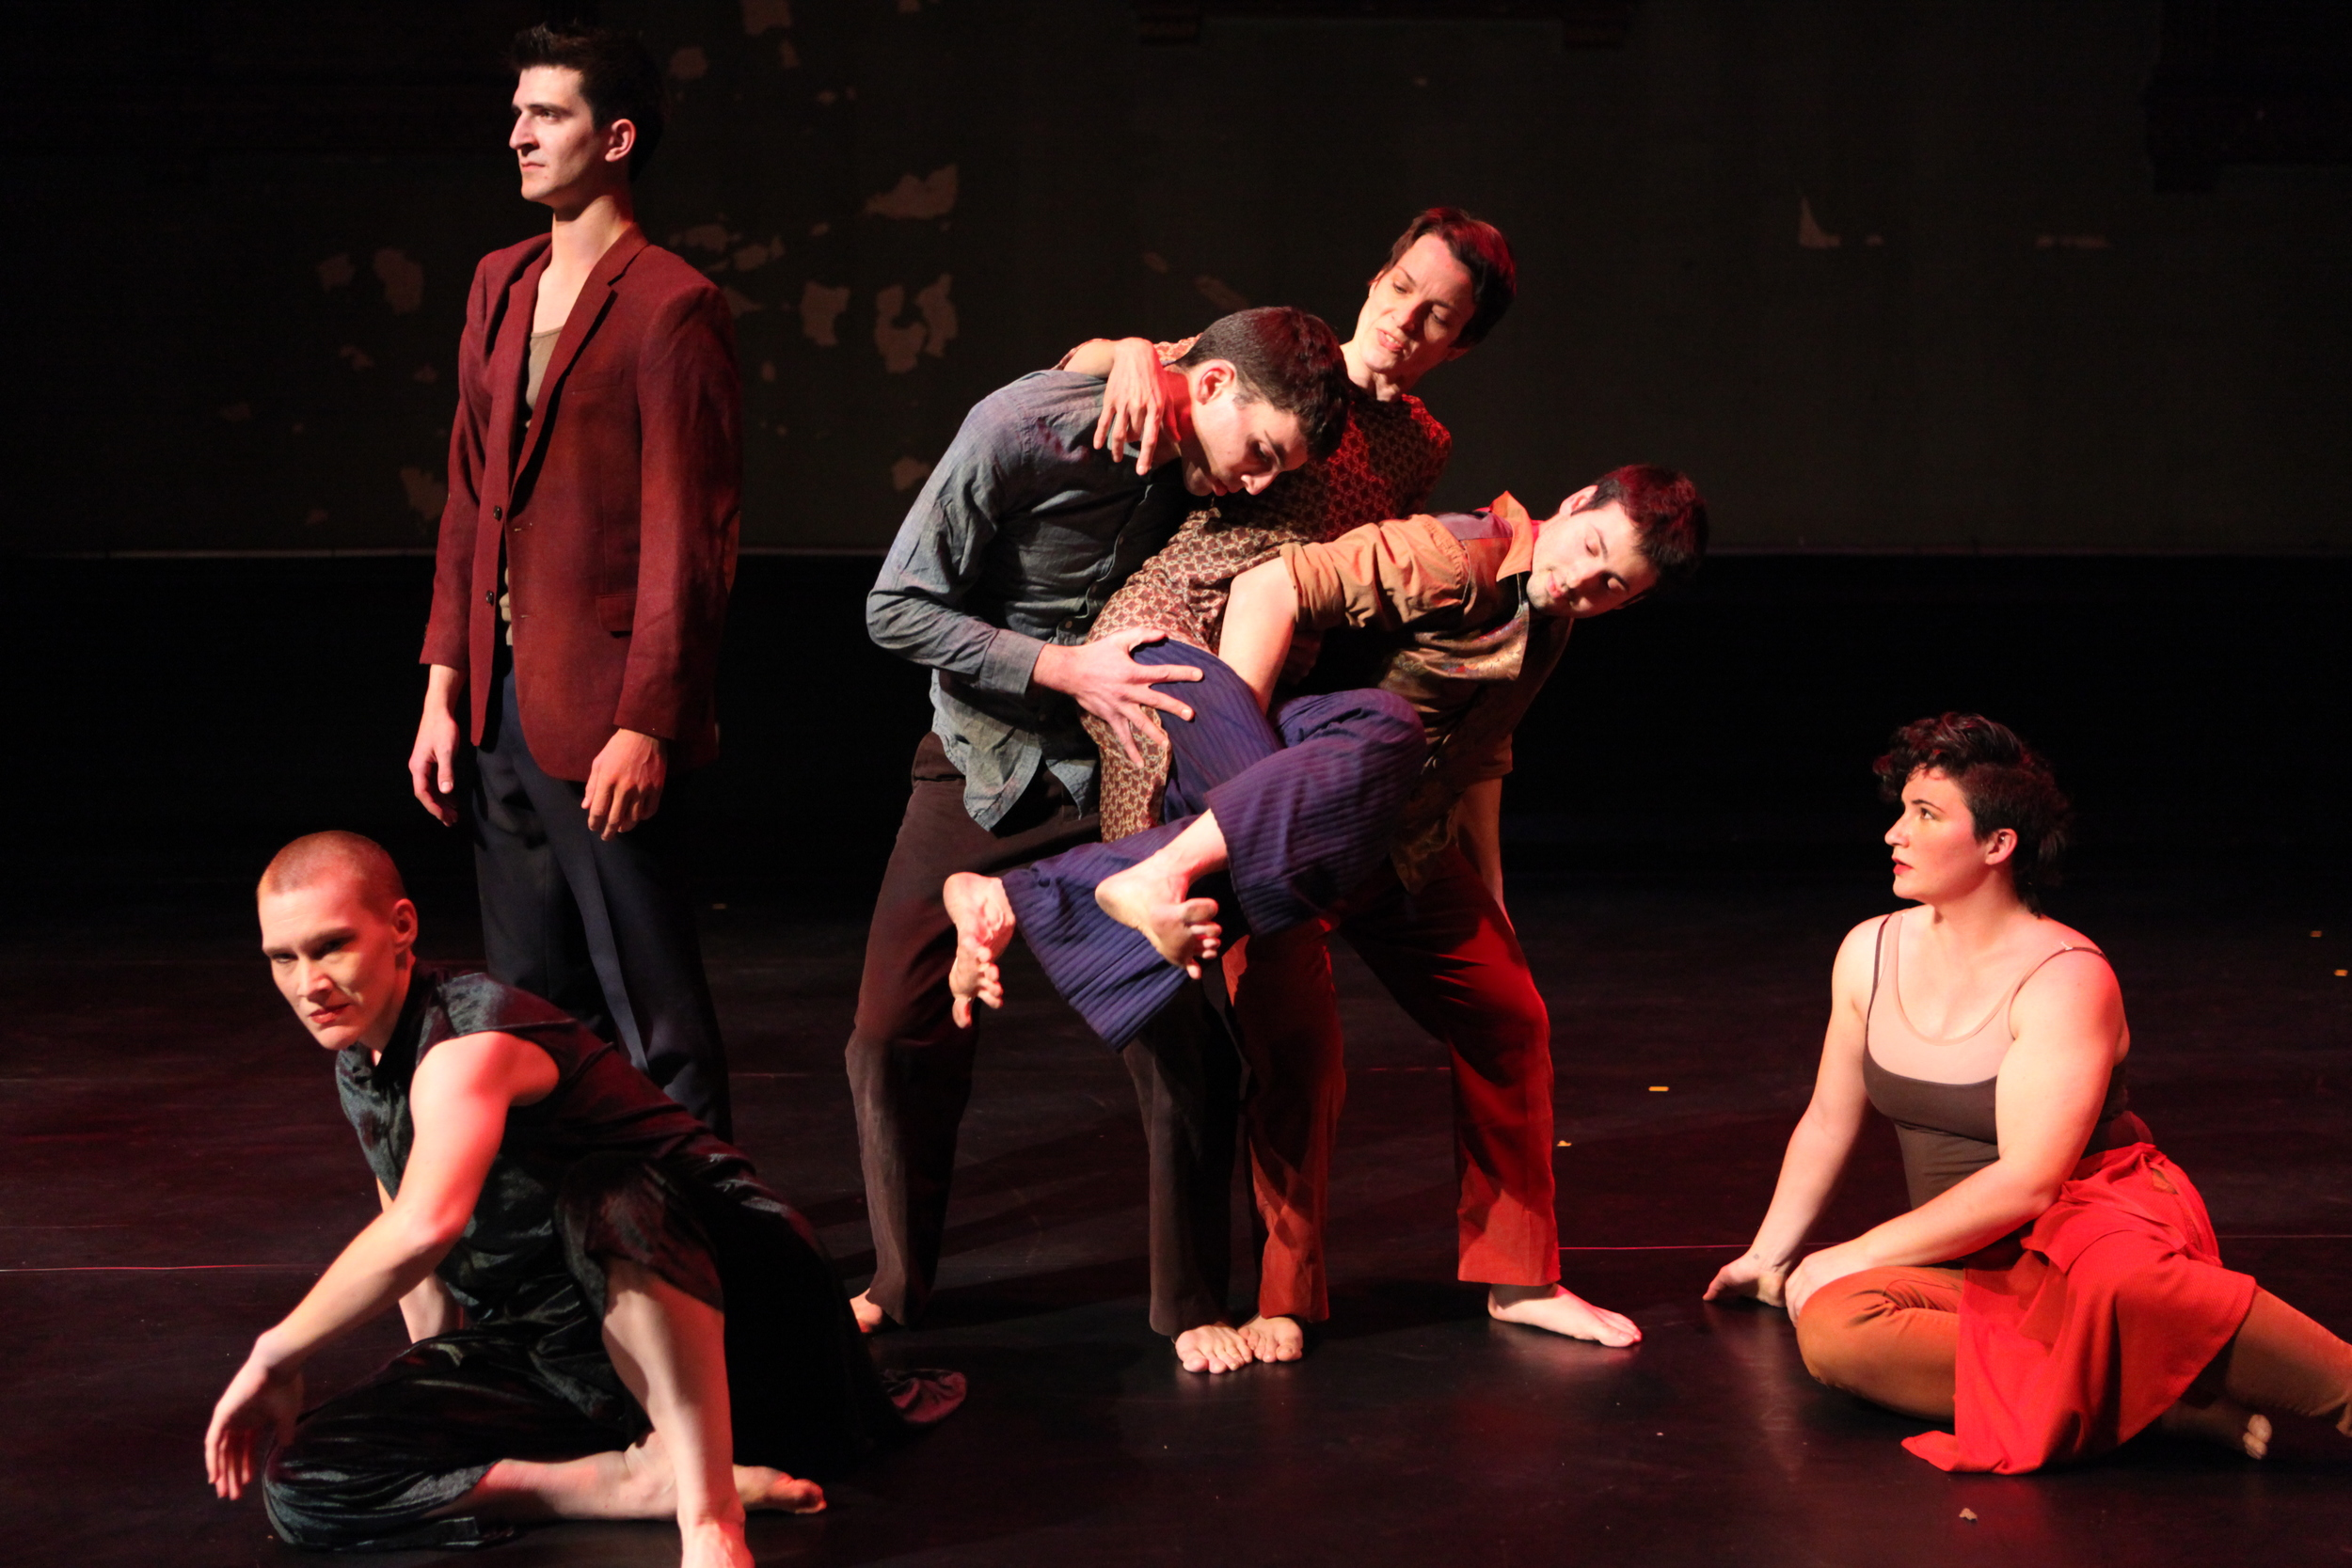 danceTactics performance group_photo credit Gerry Goodstein.JPG